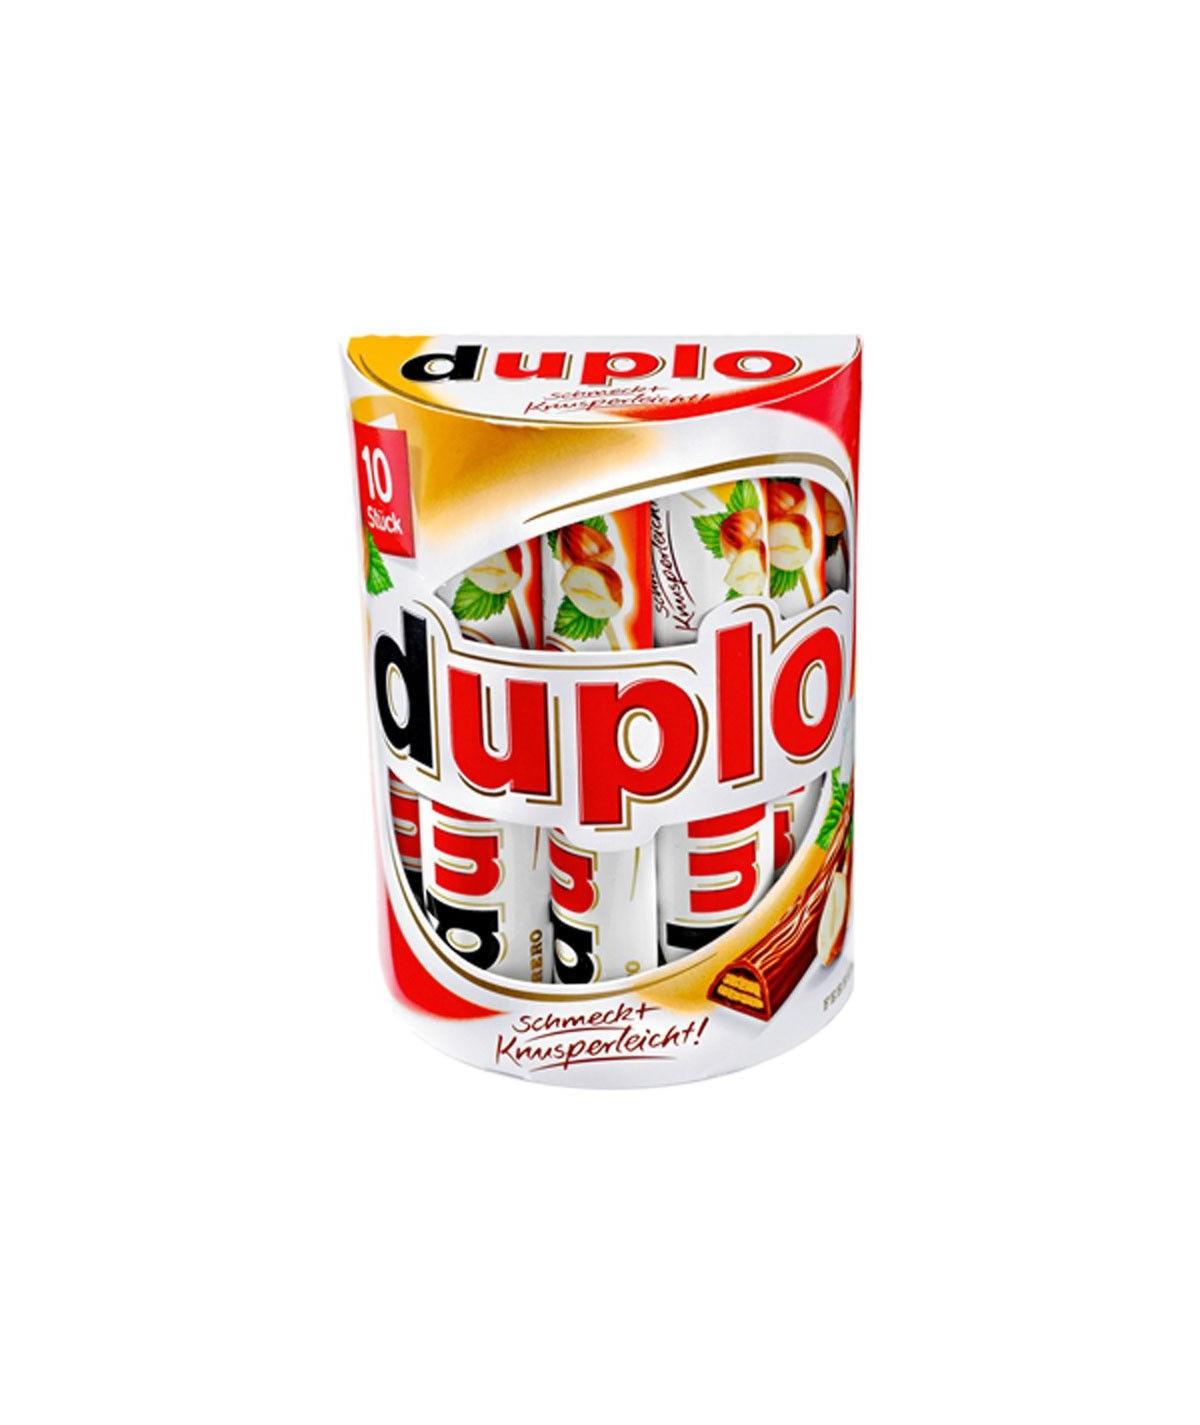 Duplo Classic Ferrero 182g